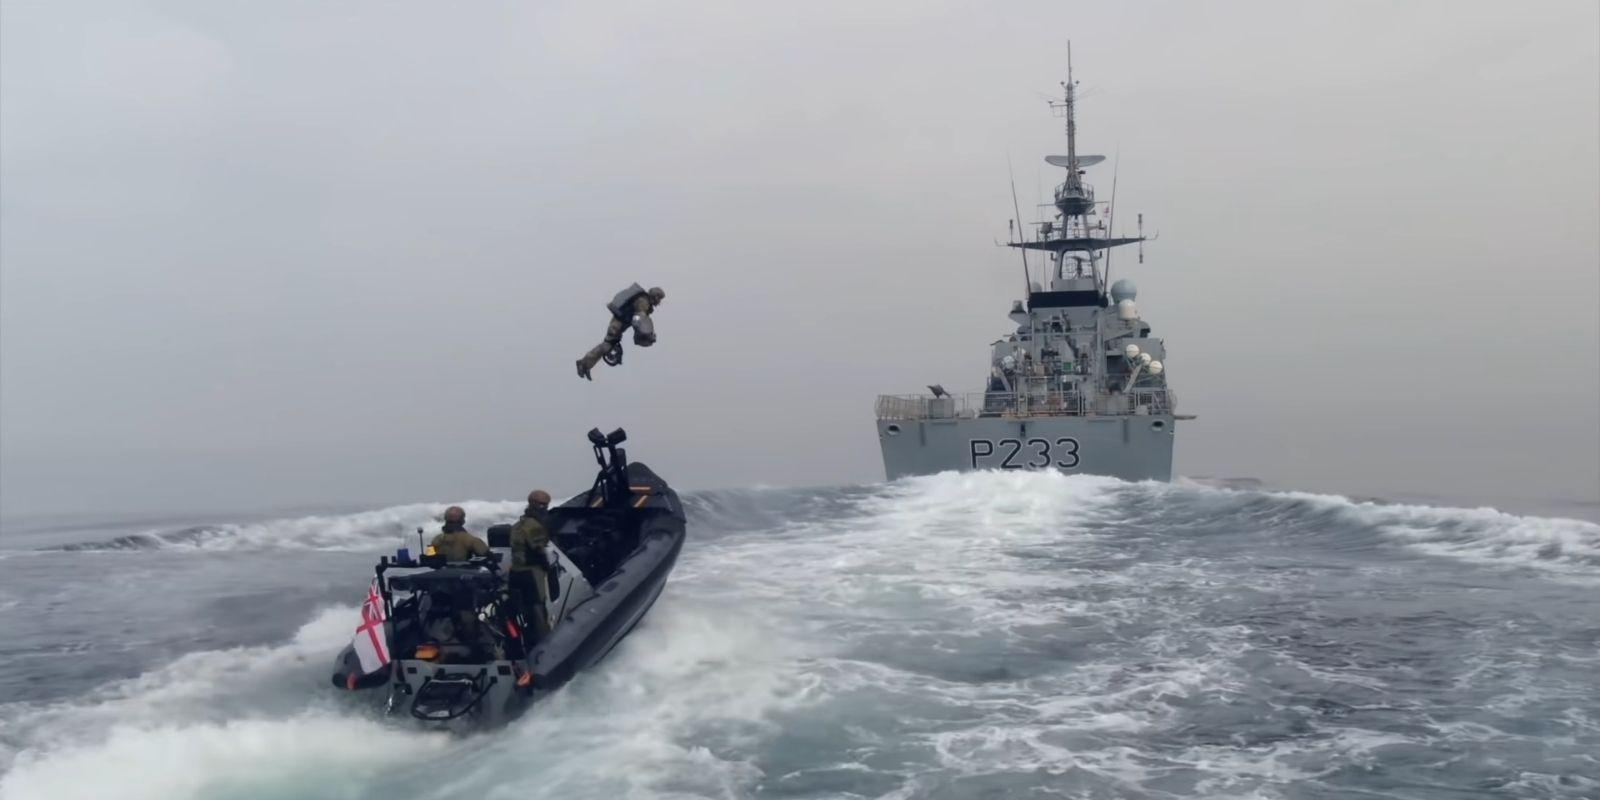 Британские морпехи с помощью реактивного ранца захватили движущийся корабль